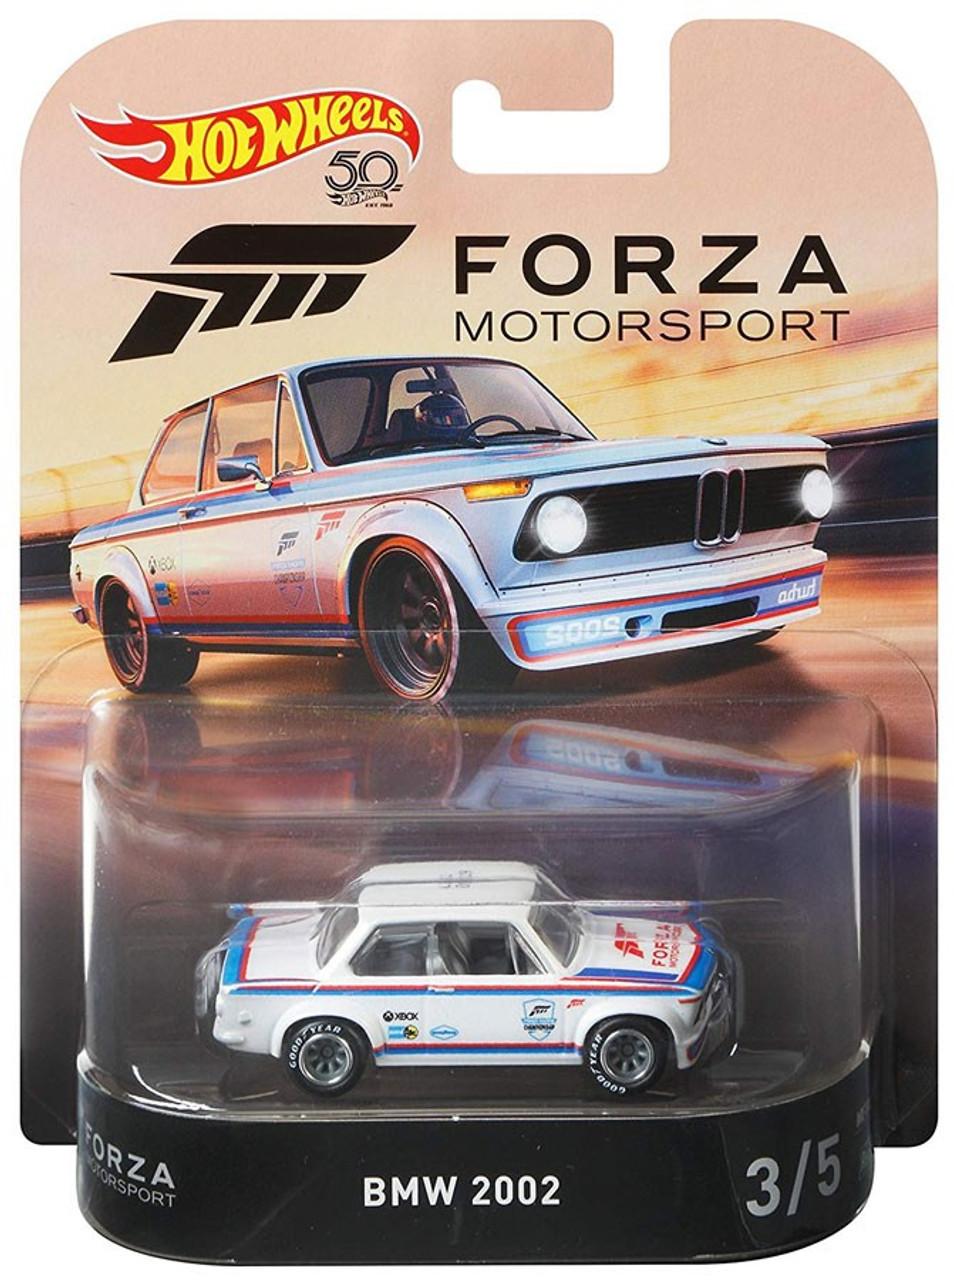 BMW 2002 Forza 3//5 Retro Entertainment 1:64 Hot Wheels FLD21 DMC55